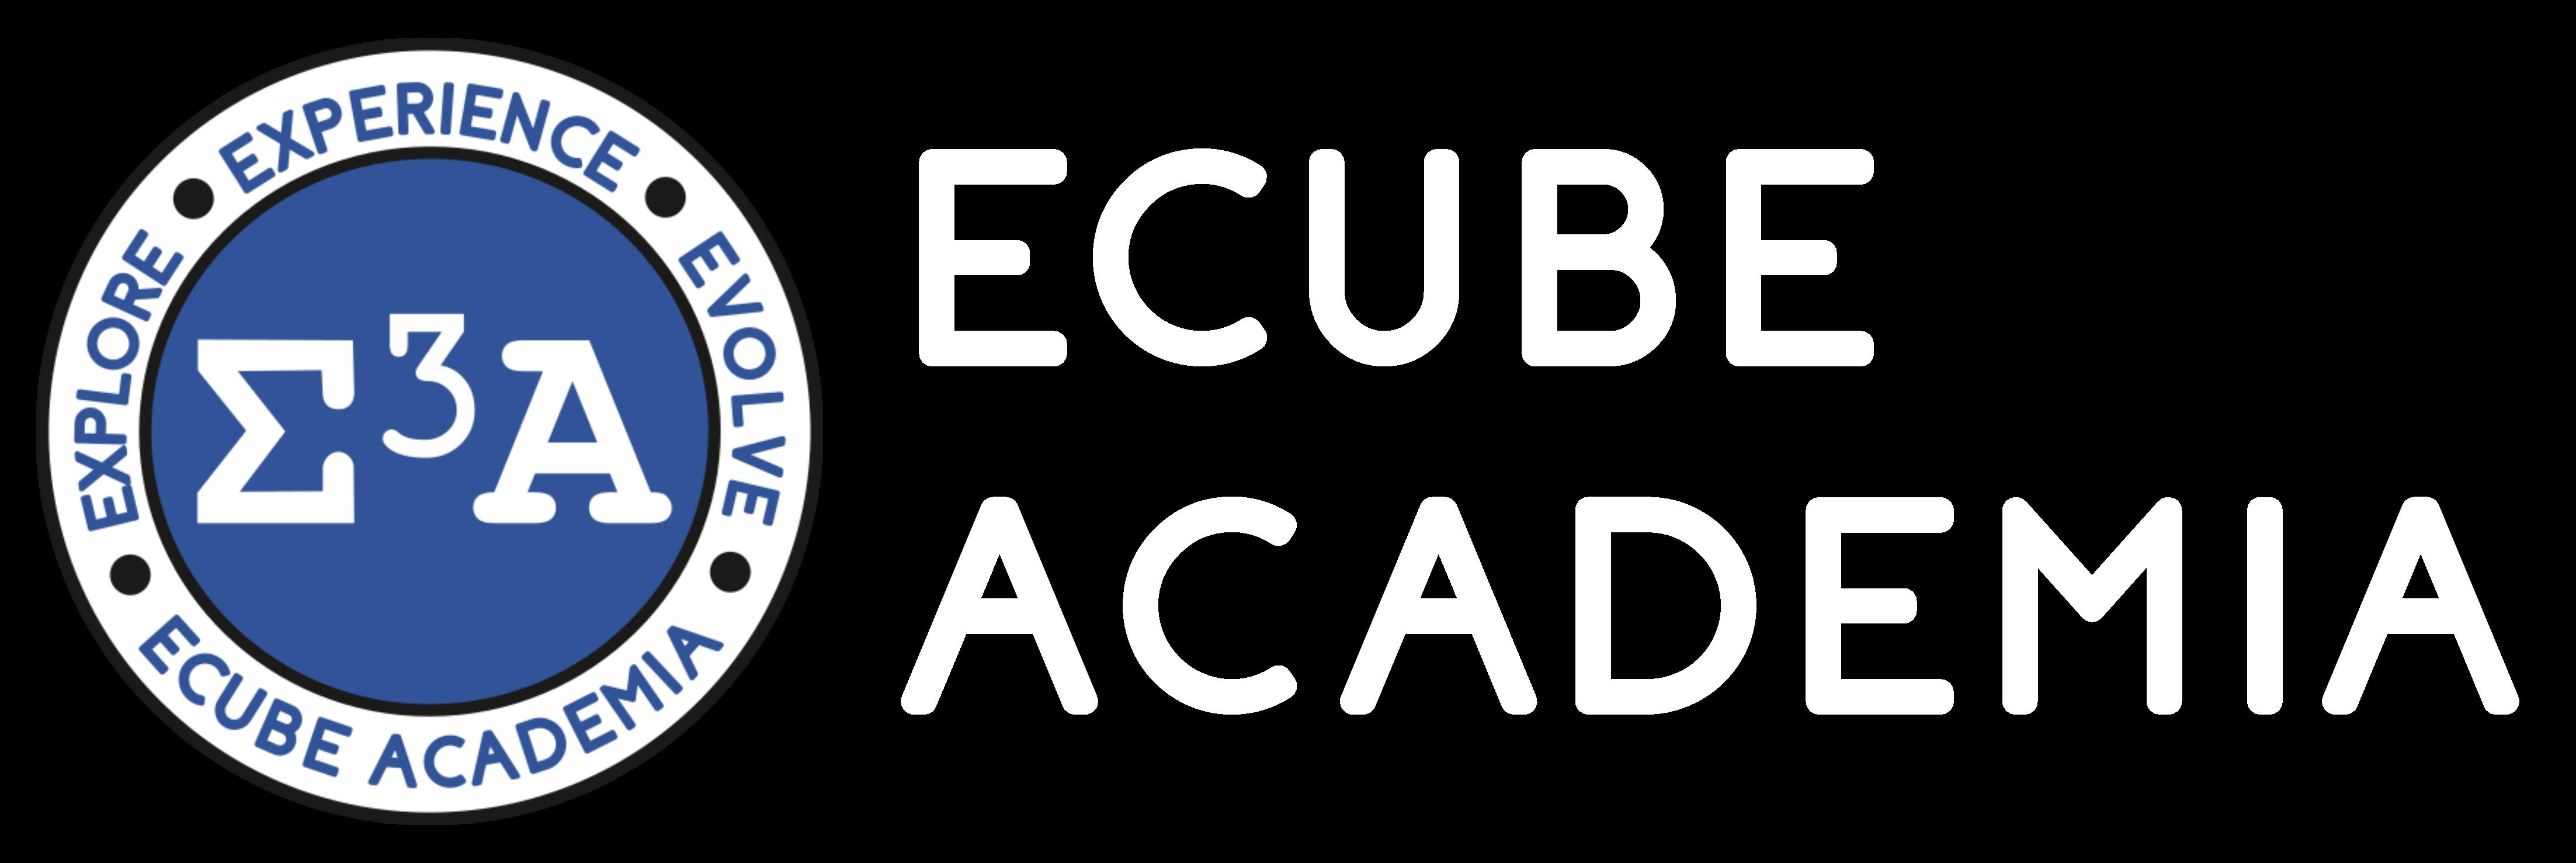 Ecube Academia